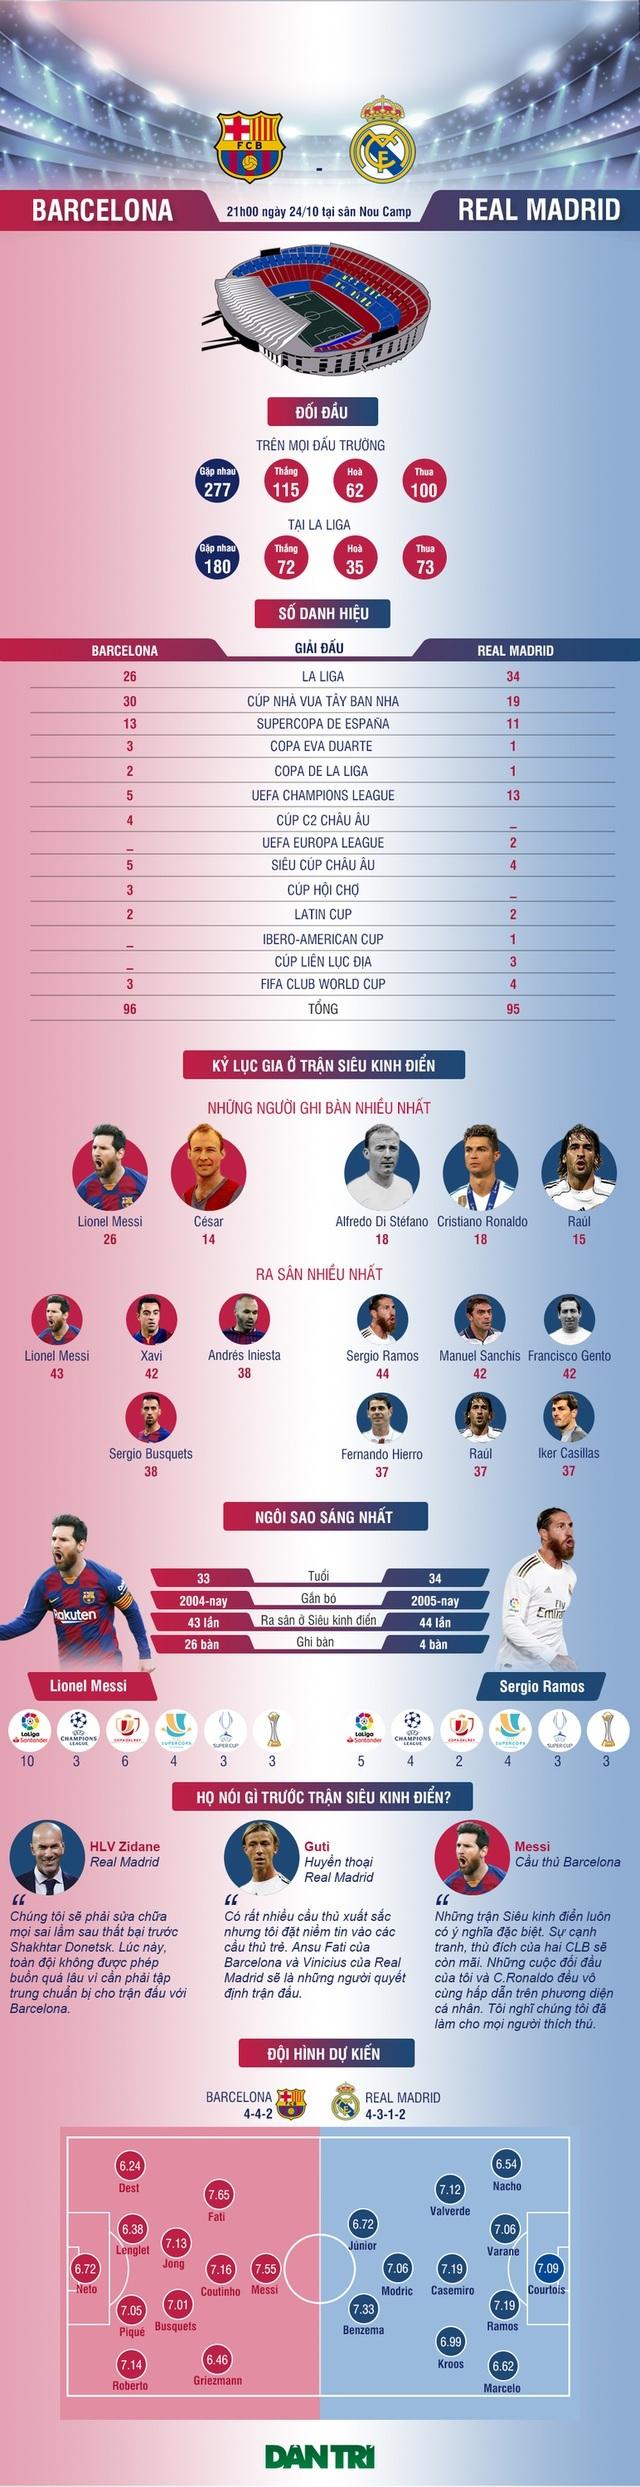 Barcelona - Real Madrid: Siêu kinh điển ở giai đoạn khủng hoảng - 5